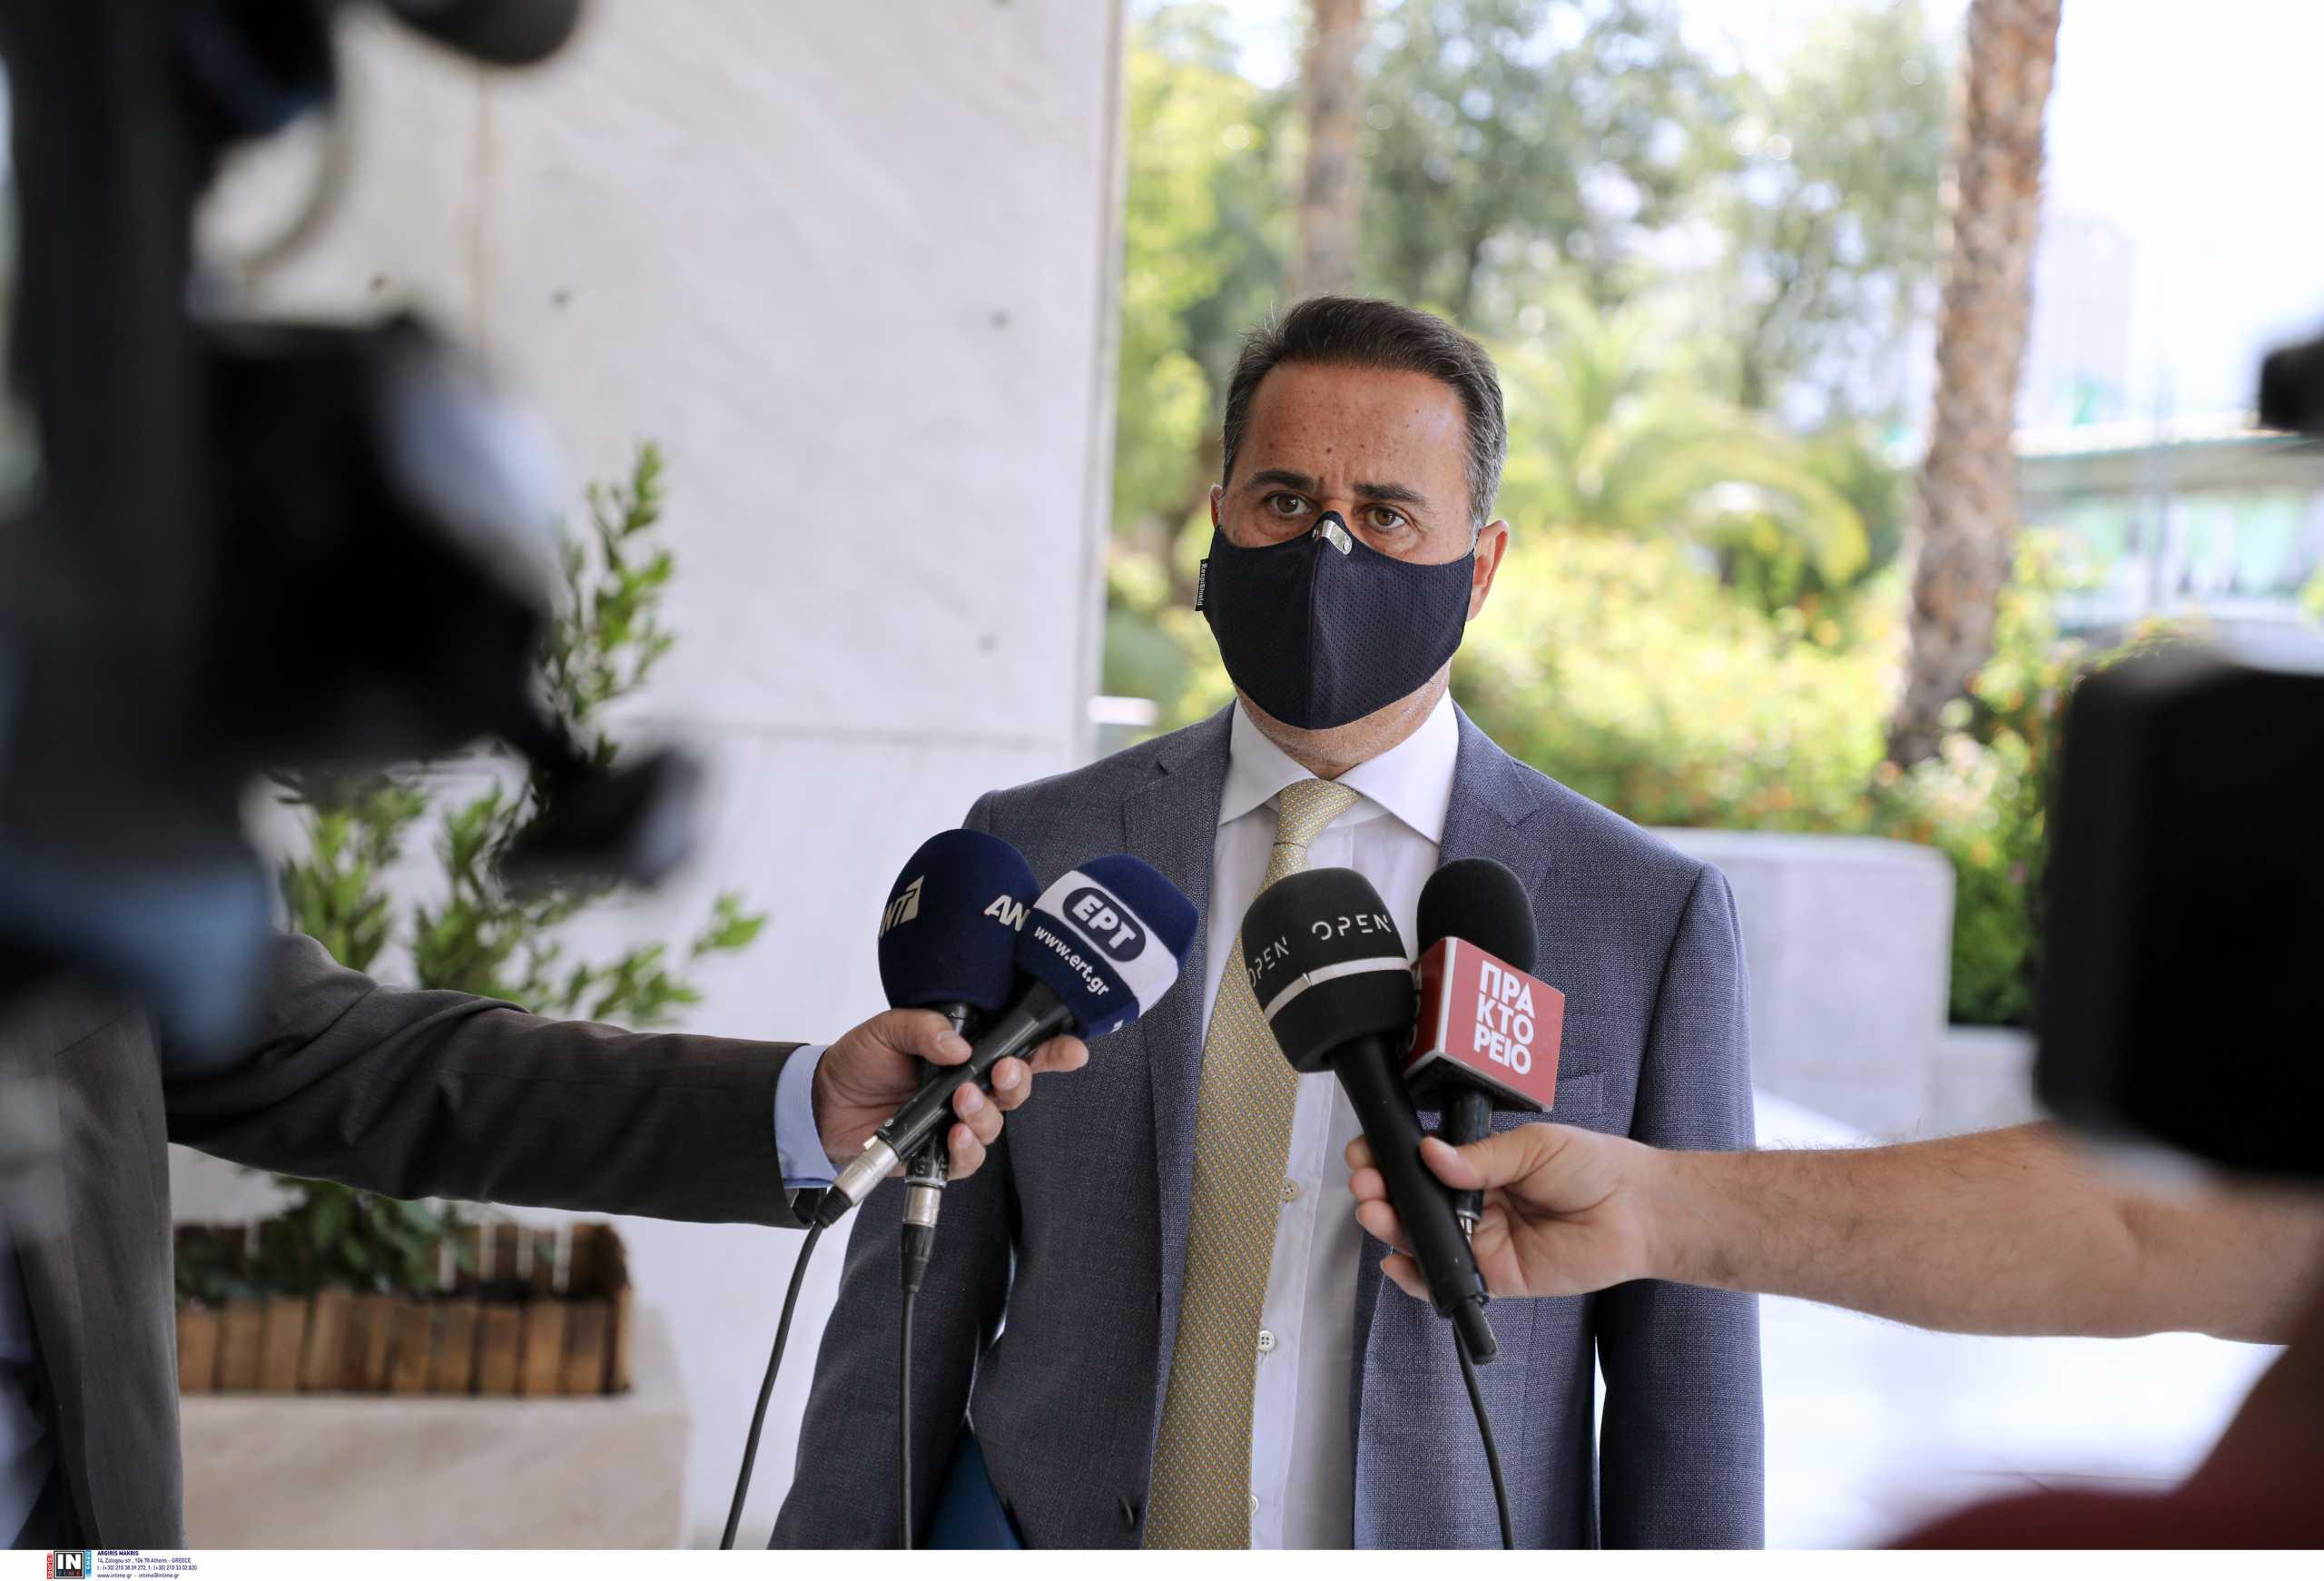 Πελώνη: Θα ζητήσει άραγε συγγνώμη ο κ. Τσίπρας από τον κ. Παπασταύρου μετά την τόση λάσπη;